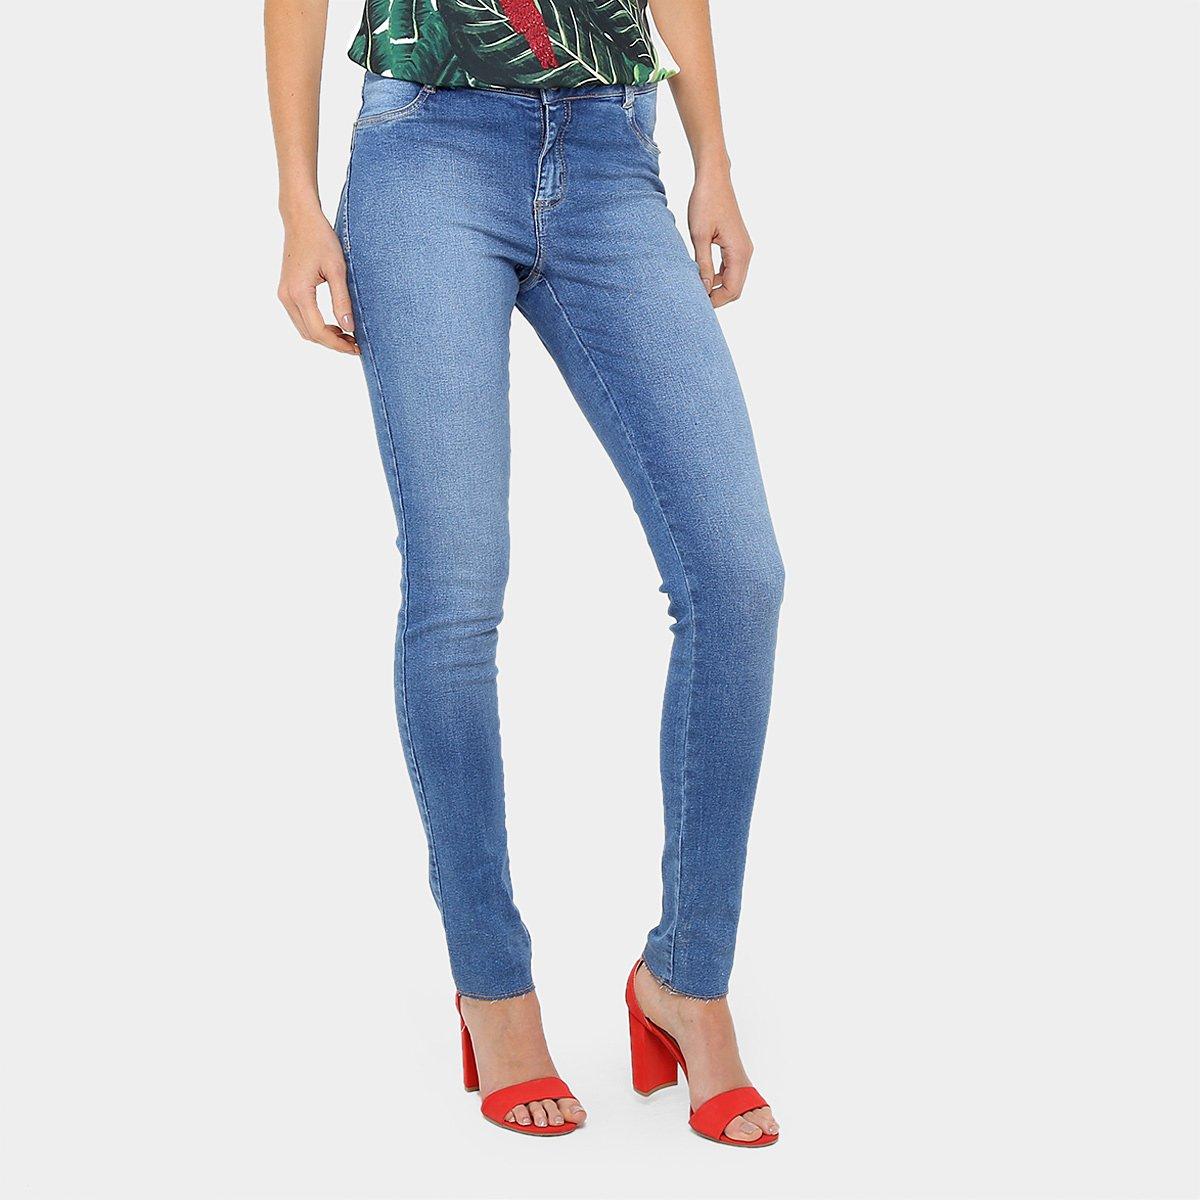 588440ae9 A Calça Jeans Skinny Morena Rosa Andreia Cintura Alta Feminina é um modelo  que expressa feminilidade em seu design e se destaca nos looks de verão.